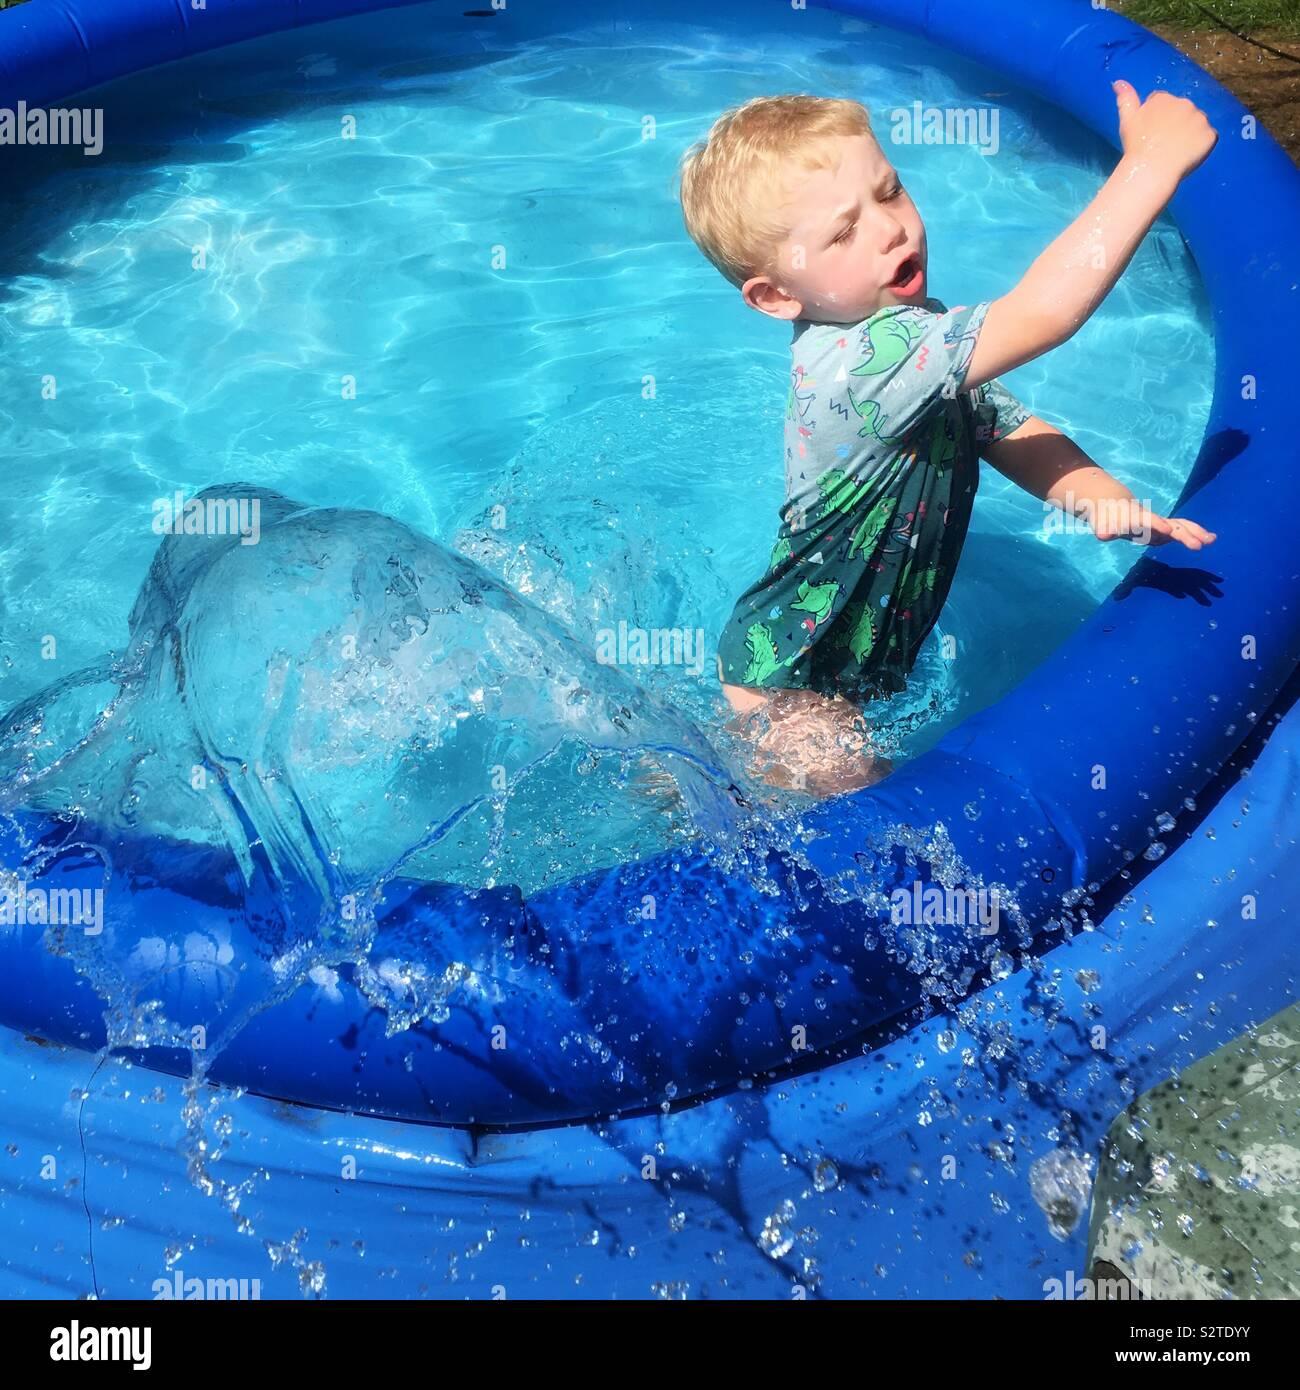 Zwei Jahre alten Jungen Spritzen in das Planschbecken zur Verfügung. Stockfoto